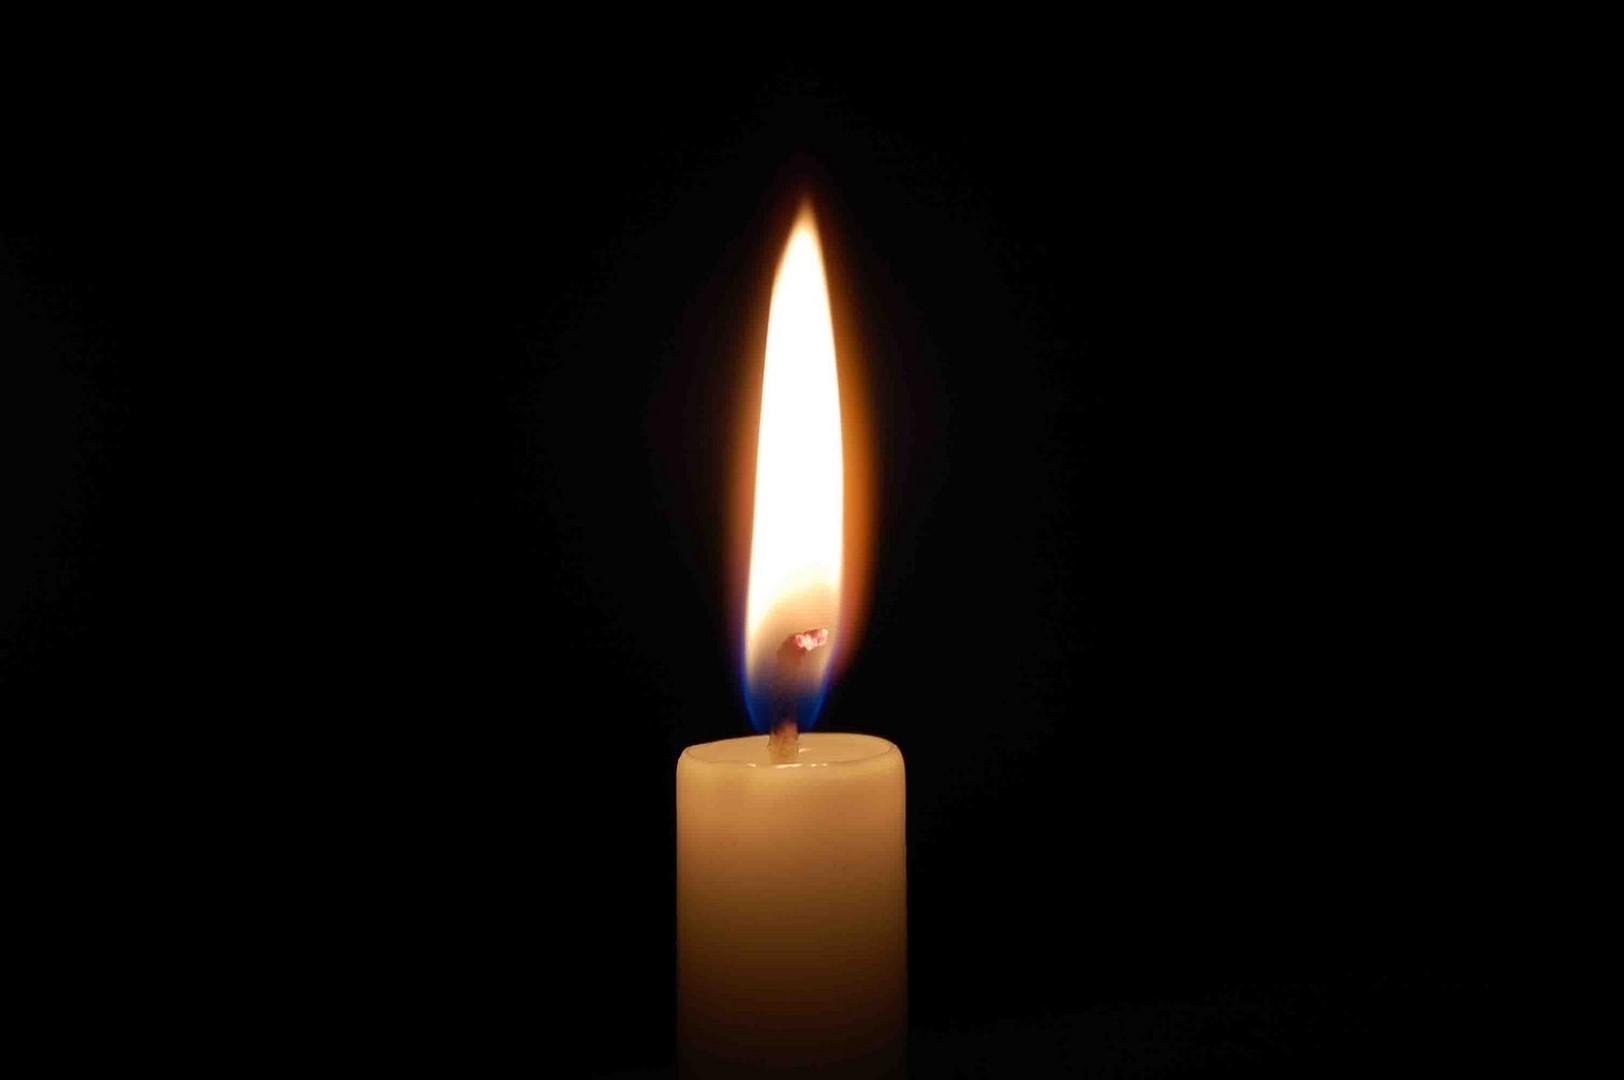 Жахлива новина: померла відома всьому світу зірка театру, сльози на очах